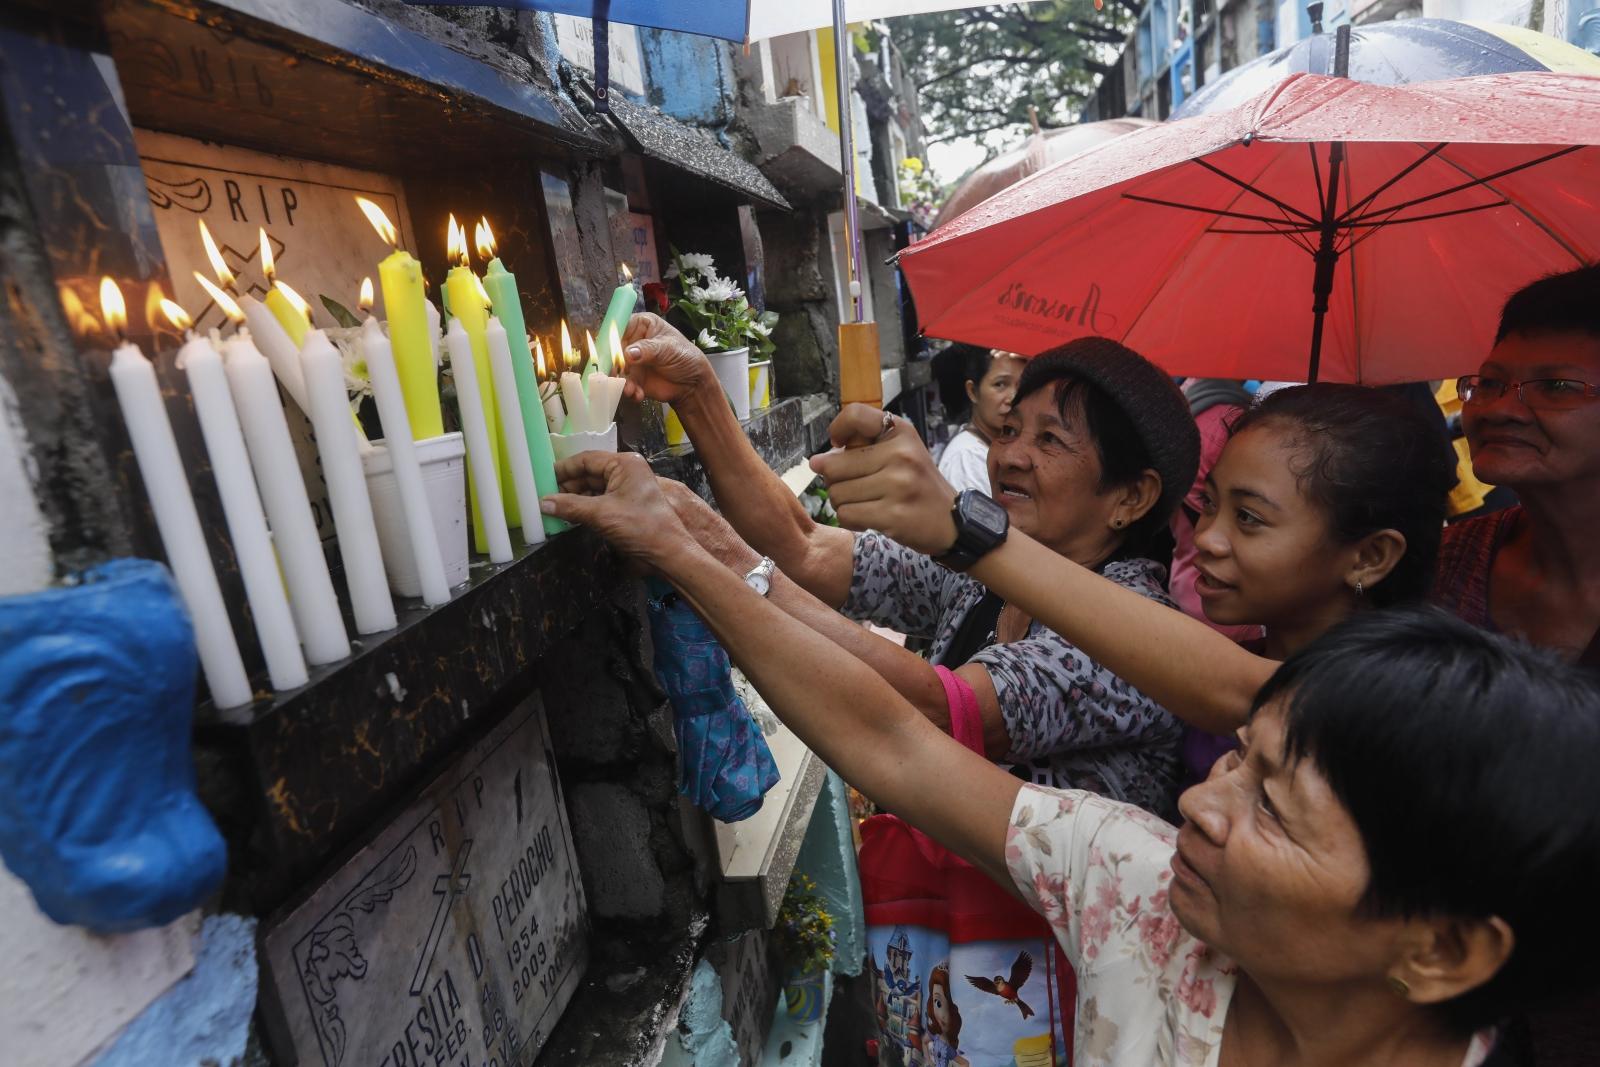 Filipiny, Dzień Wszystkich Świętych  EPA/ROLEX DELA PENA